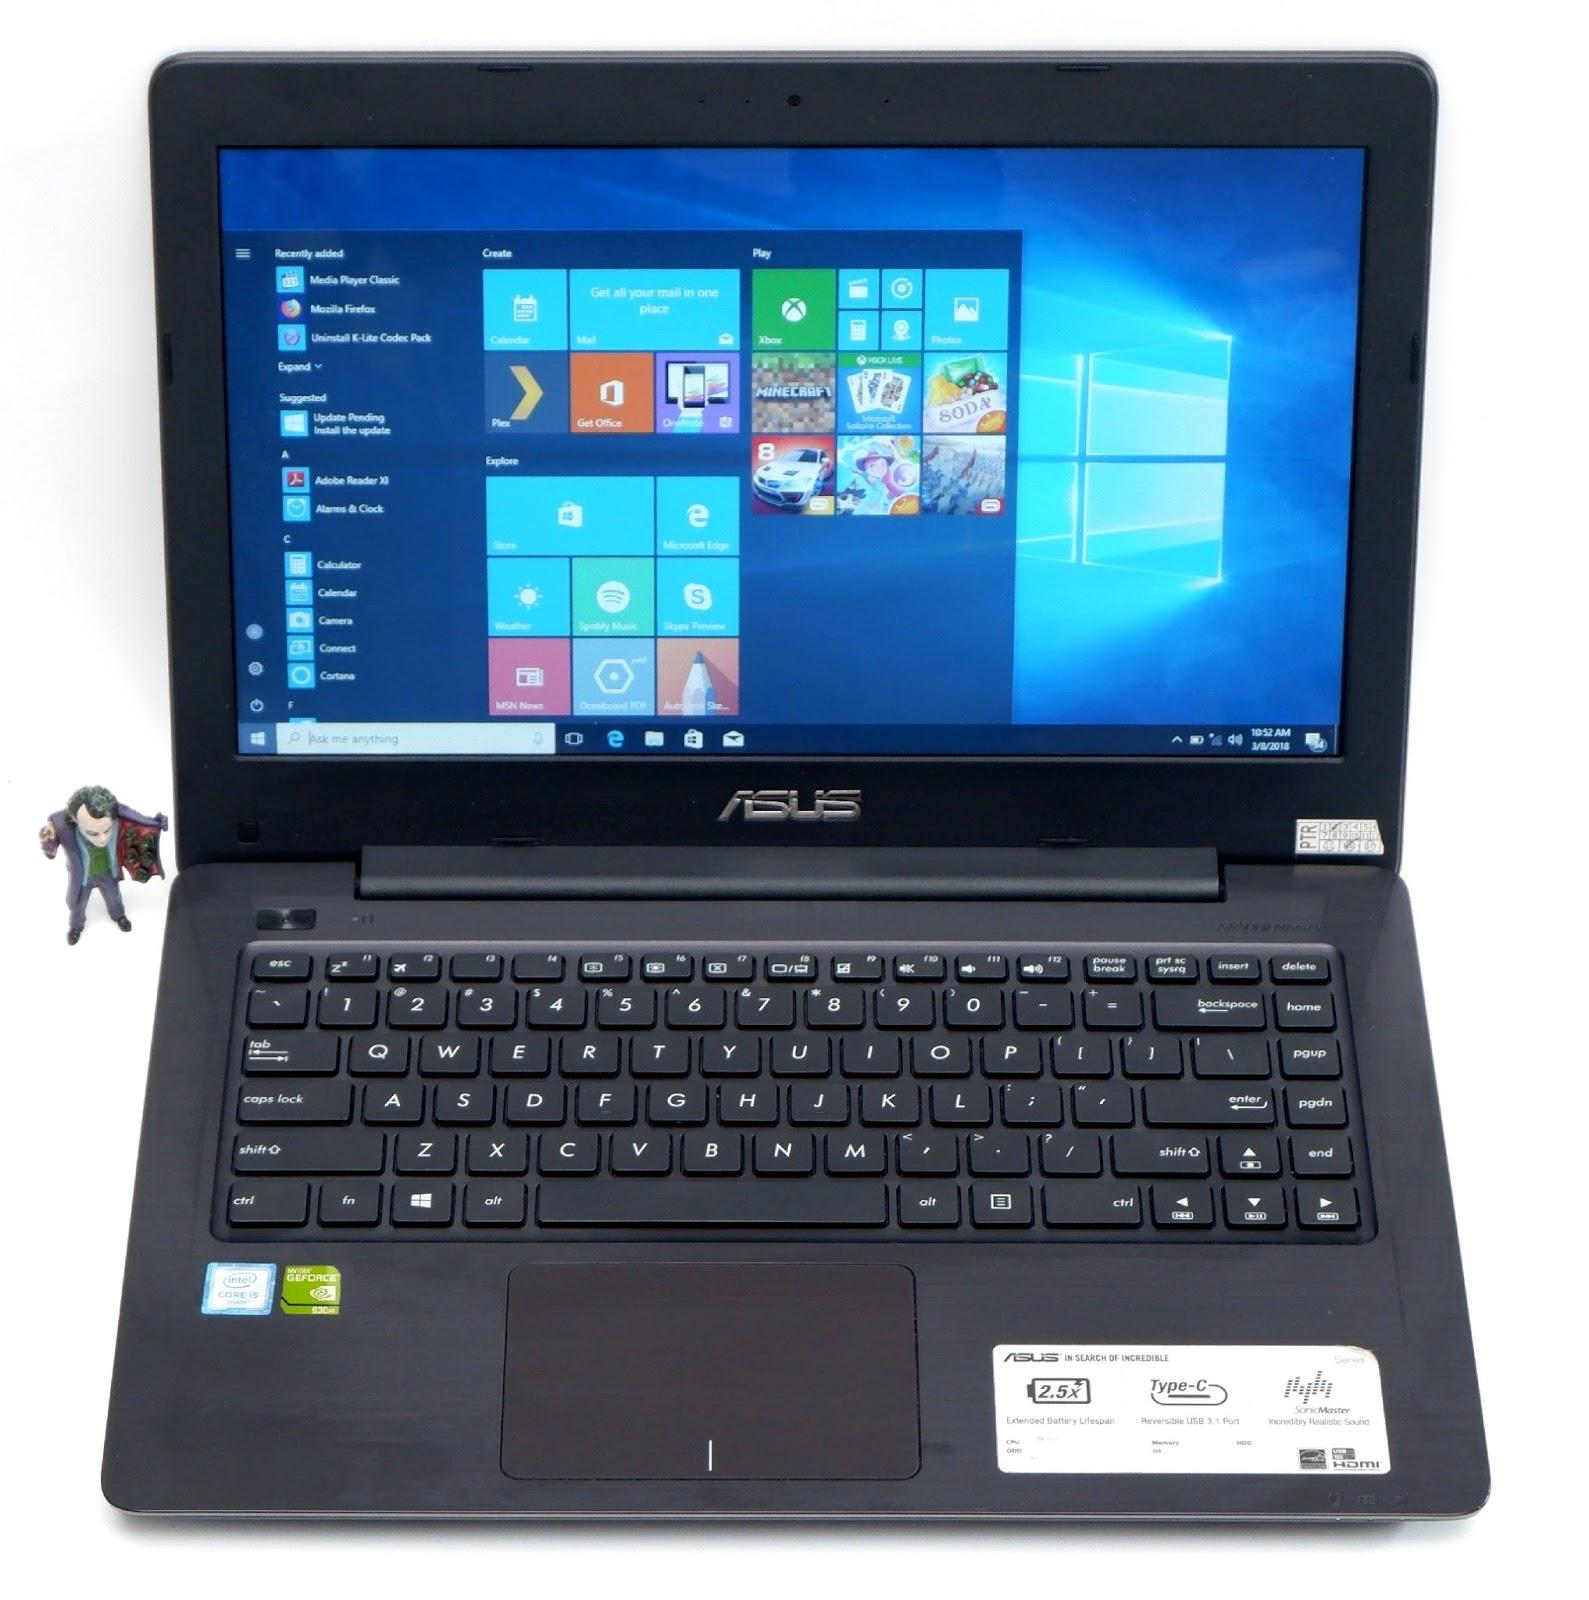 Jual Beli Laptop Bekas, Kamera, Service, Sparepart di Malang